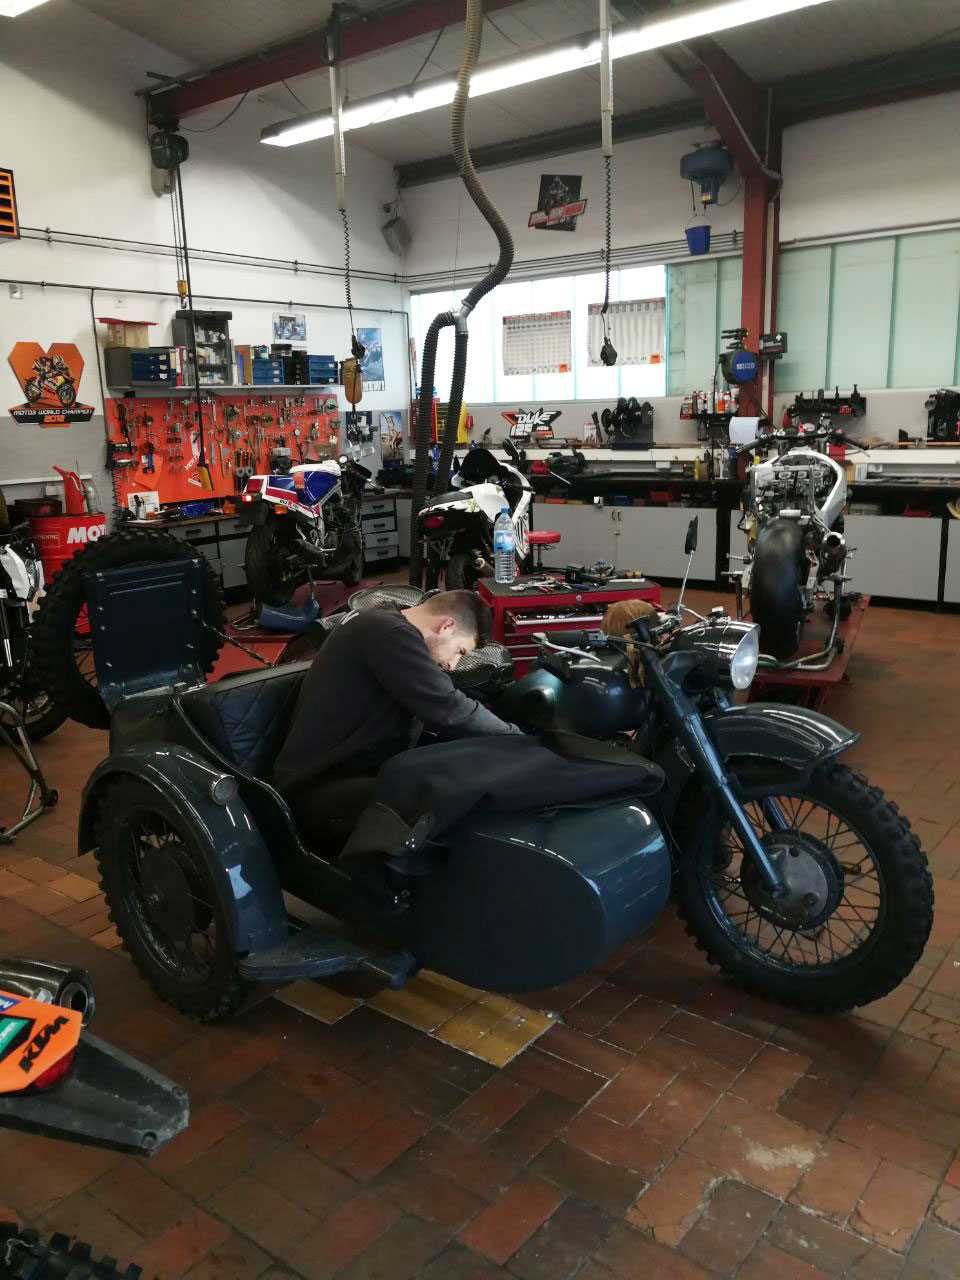 KTM Vertragshändler Motorradsport Schmitt - Restauration URAL M 72 Wehrmachtsgespann